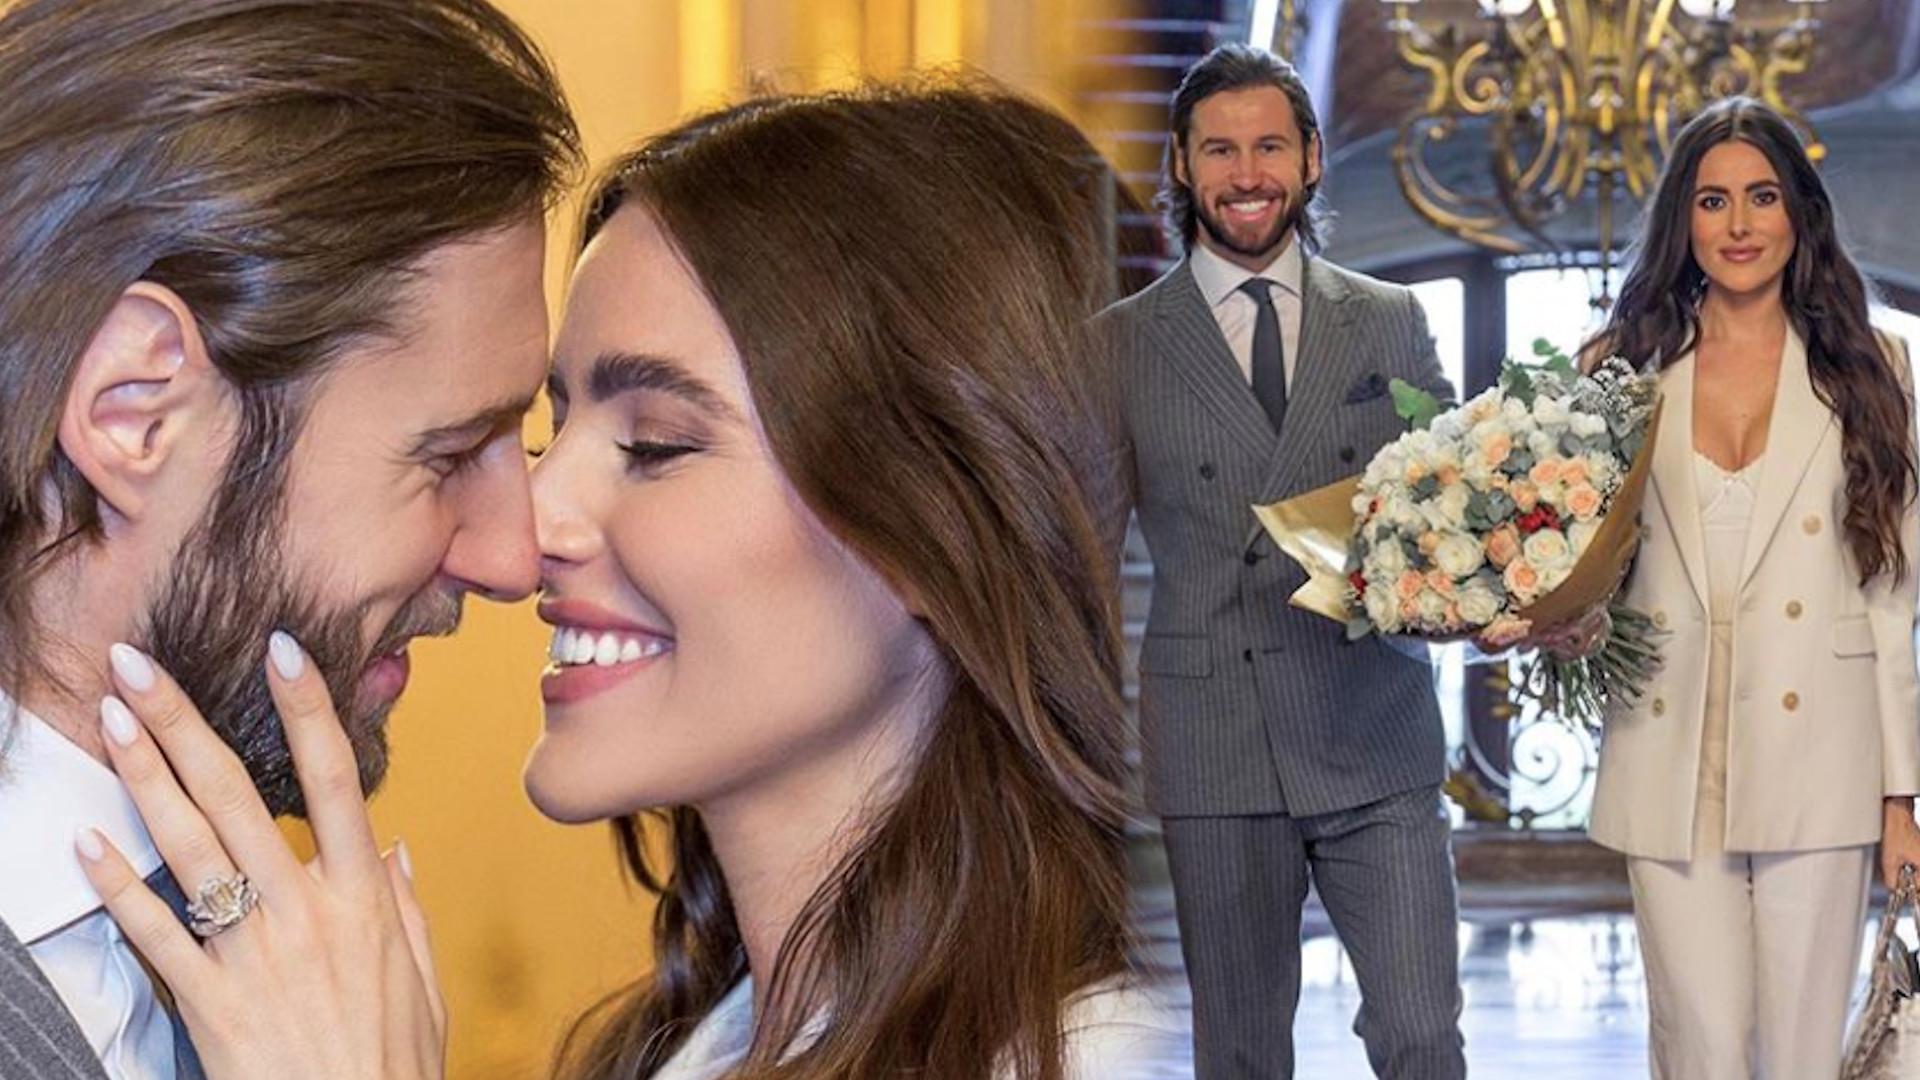 Celia Jaunat pokazała DRUGĄ kreację ślubną. Wyglądała BOSKO!